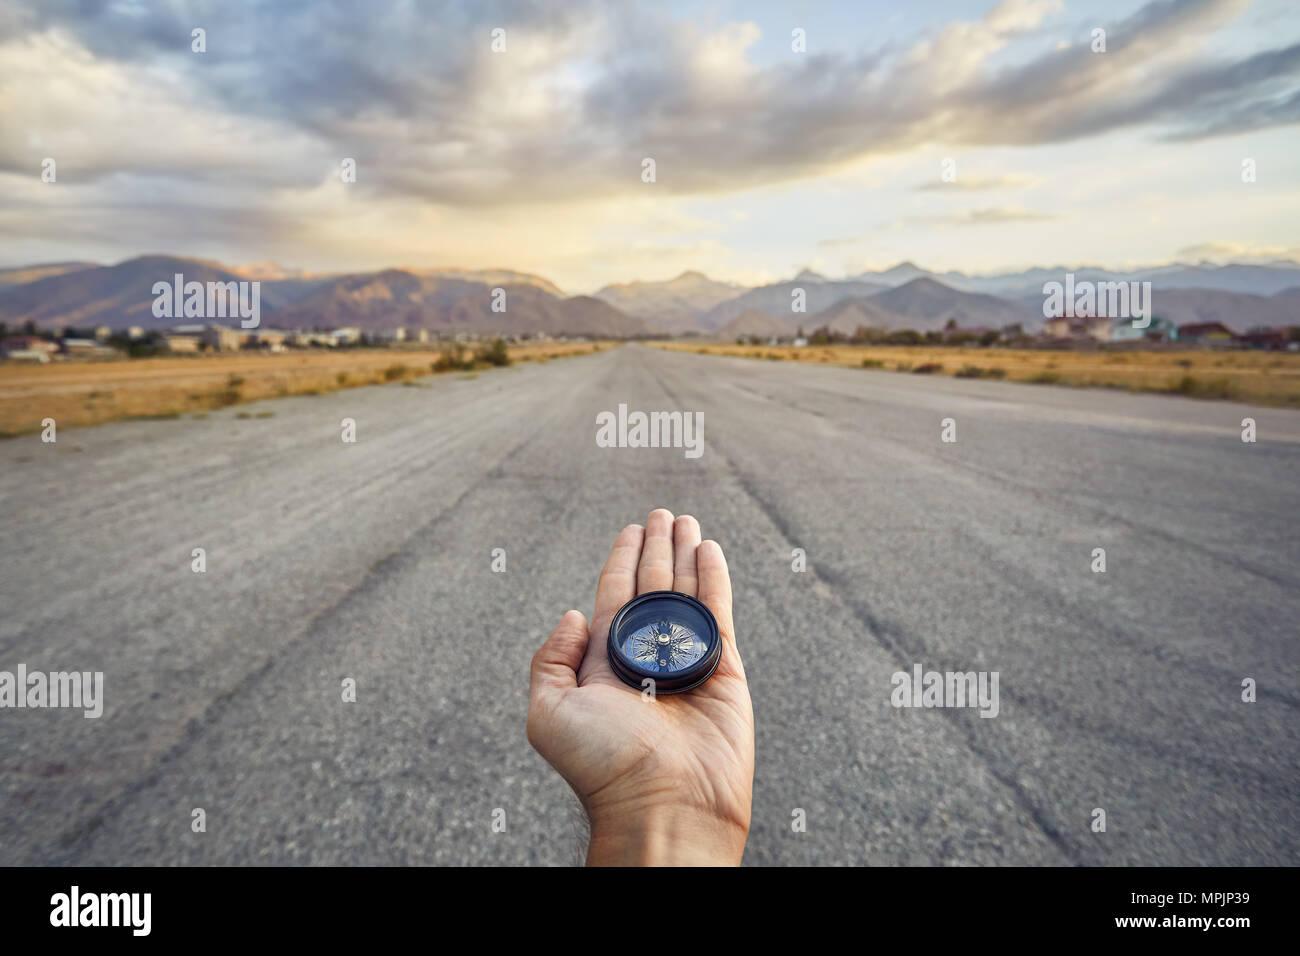 Traveler holding compass sur la route avec les montagnes au lever du soleil, le fond de ciel. Voyages et aventures concept. Photo Stock